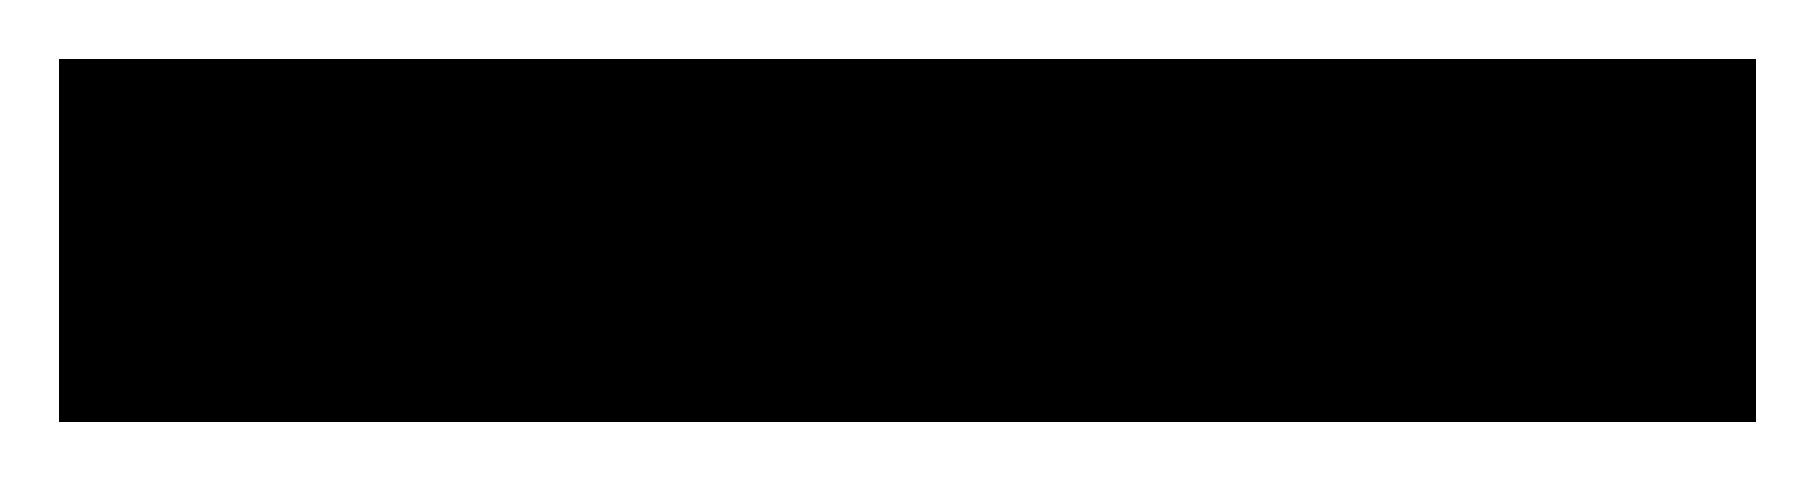 Logo von Volume K als Wort-Bild-Marke in schwarz